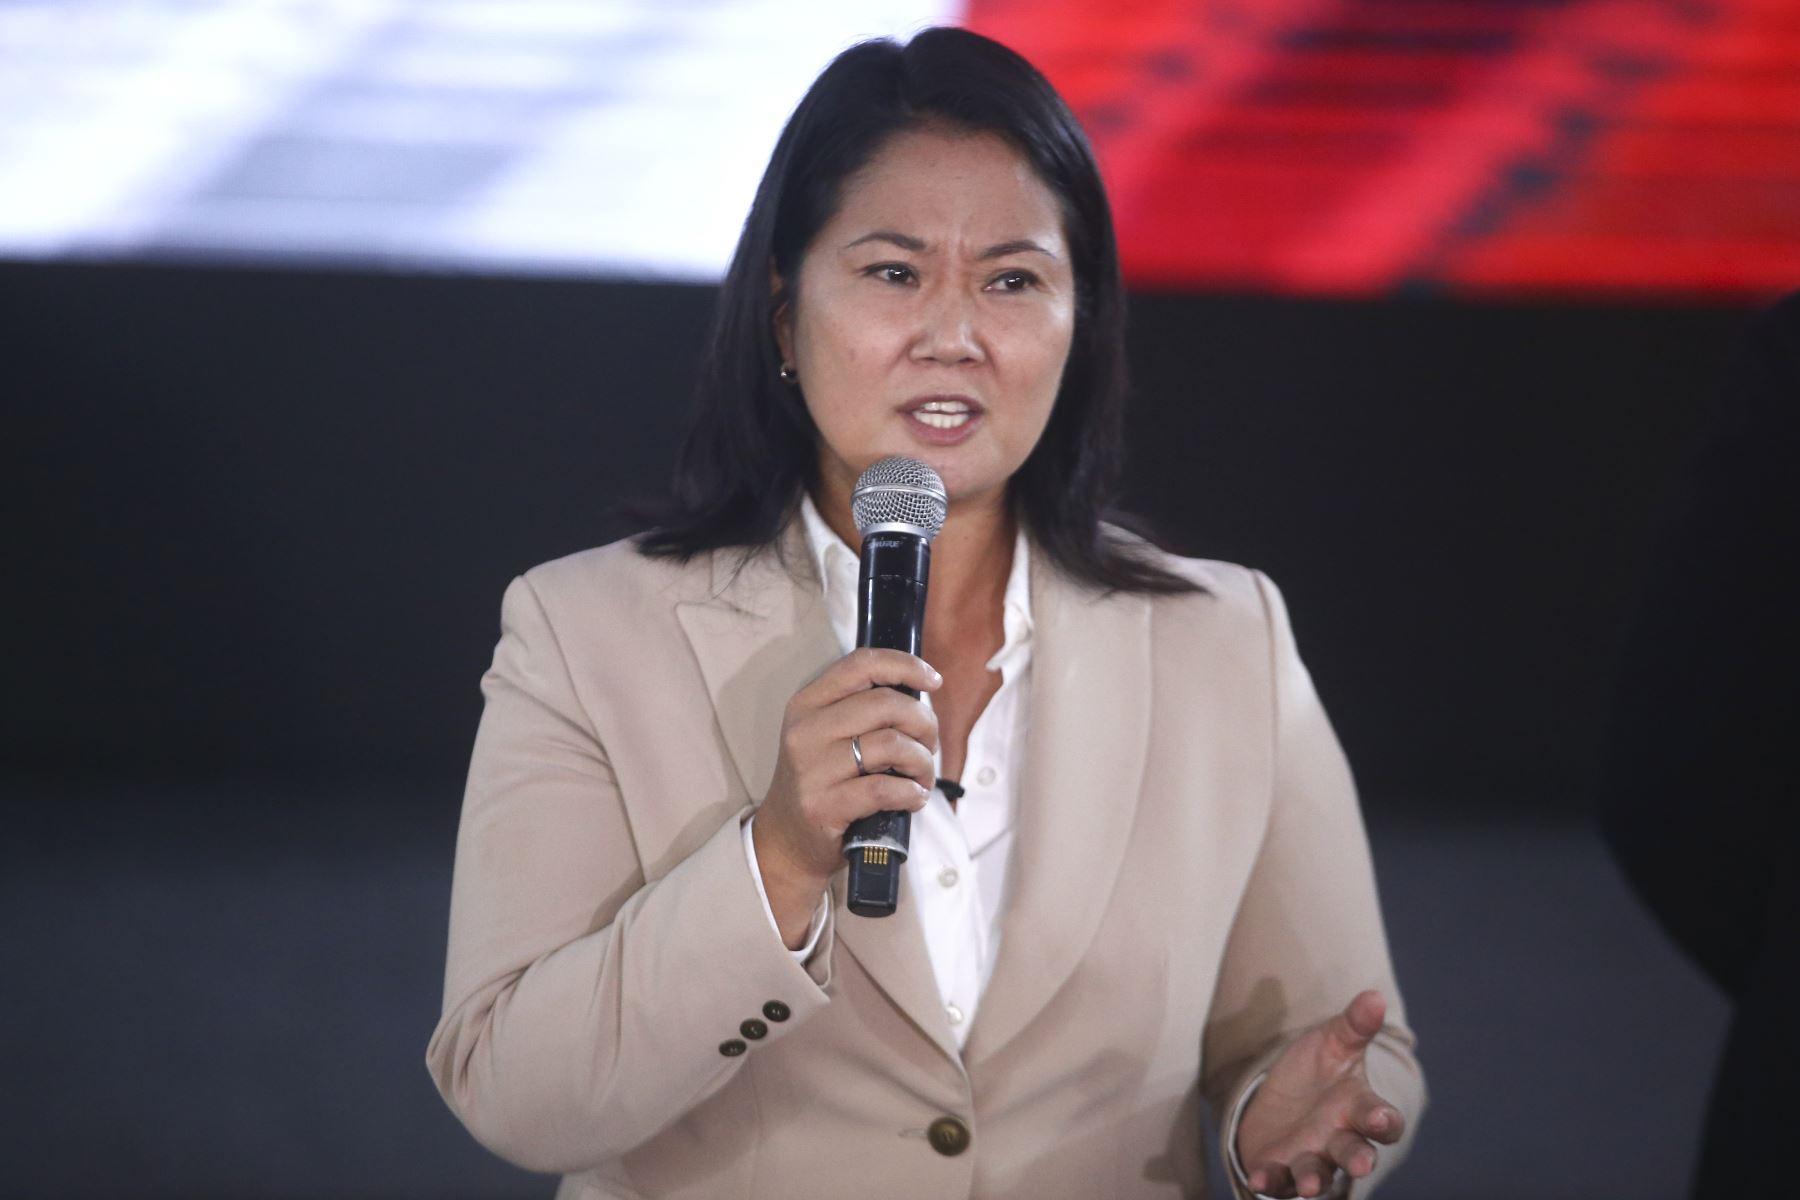 Conferencia de prensa de Keiko Fujimori candidata de Fuerza Popular. Foto: ANDINA/Vidal Tarqui